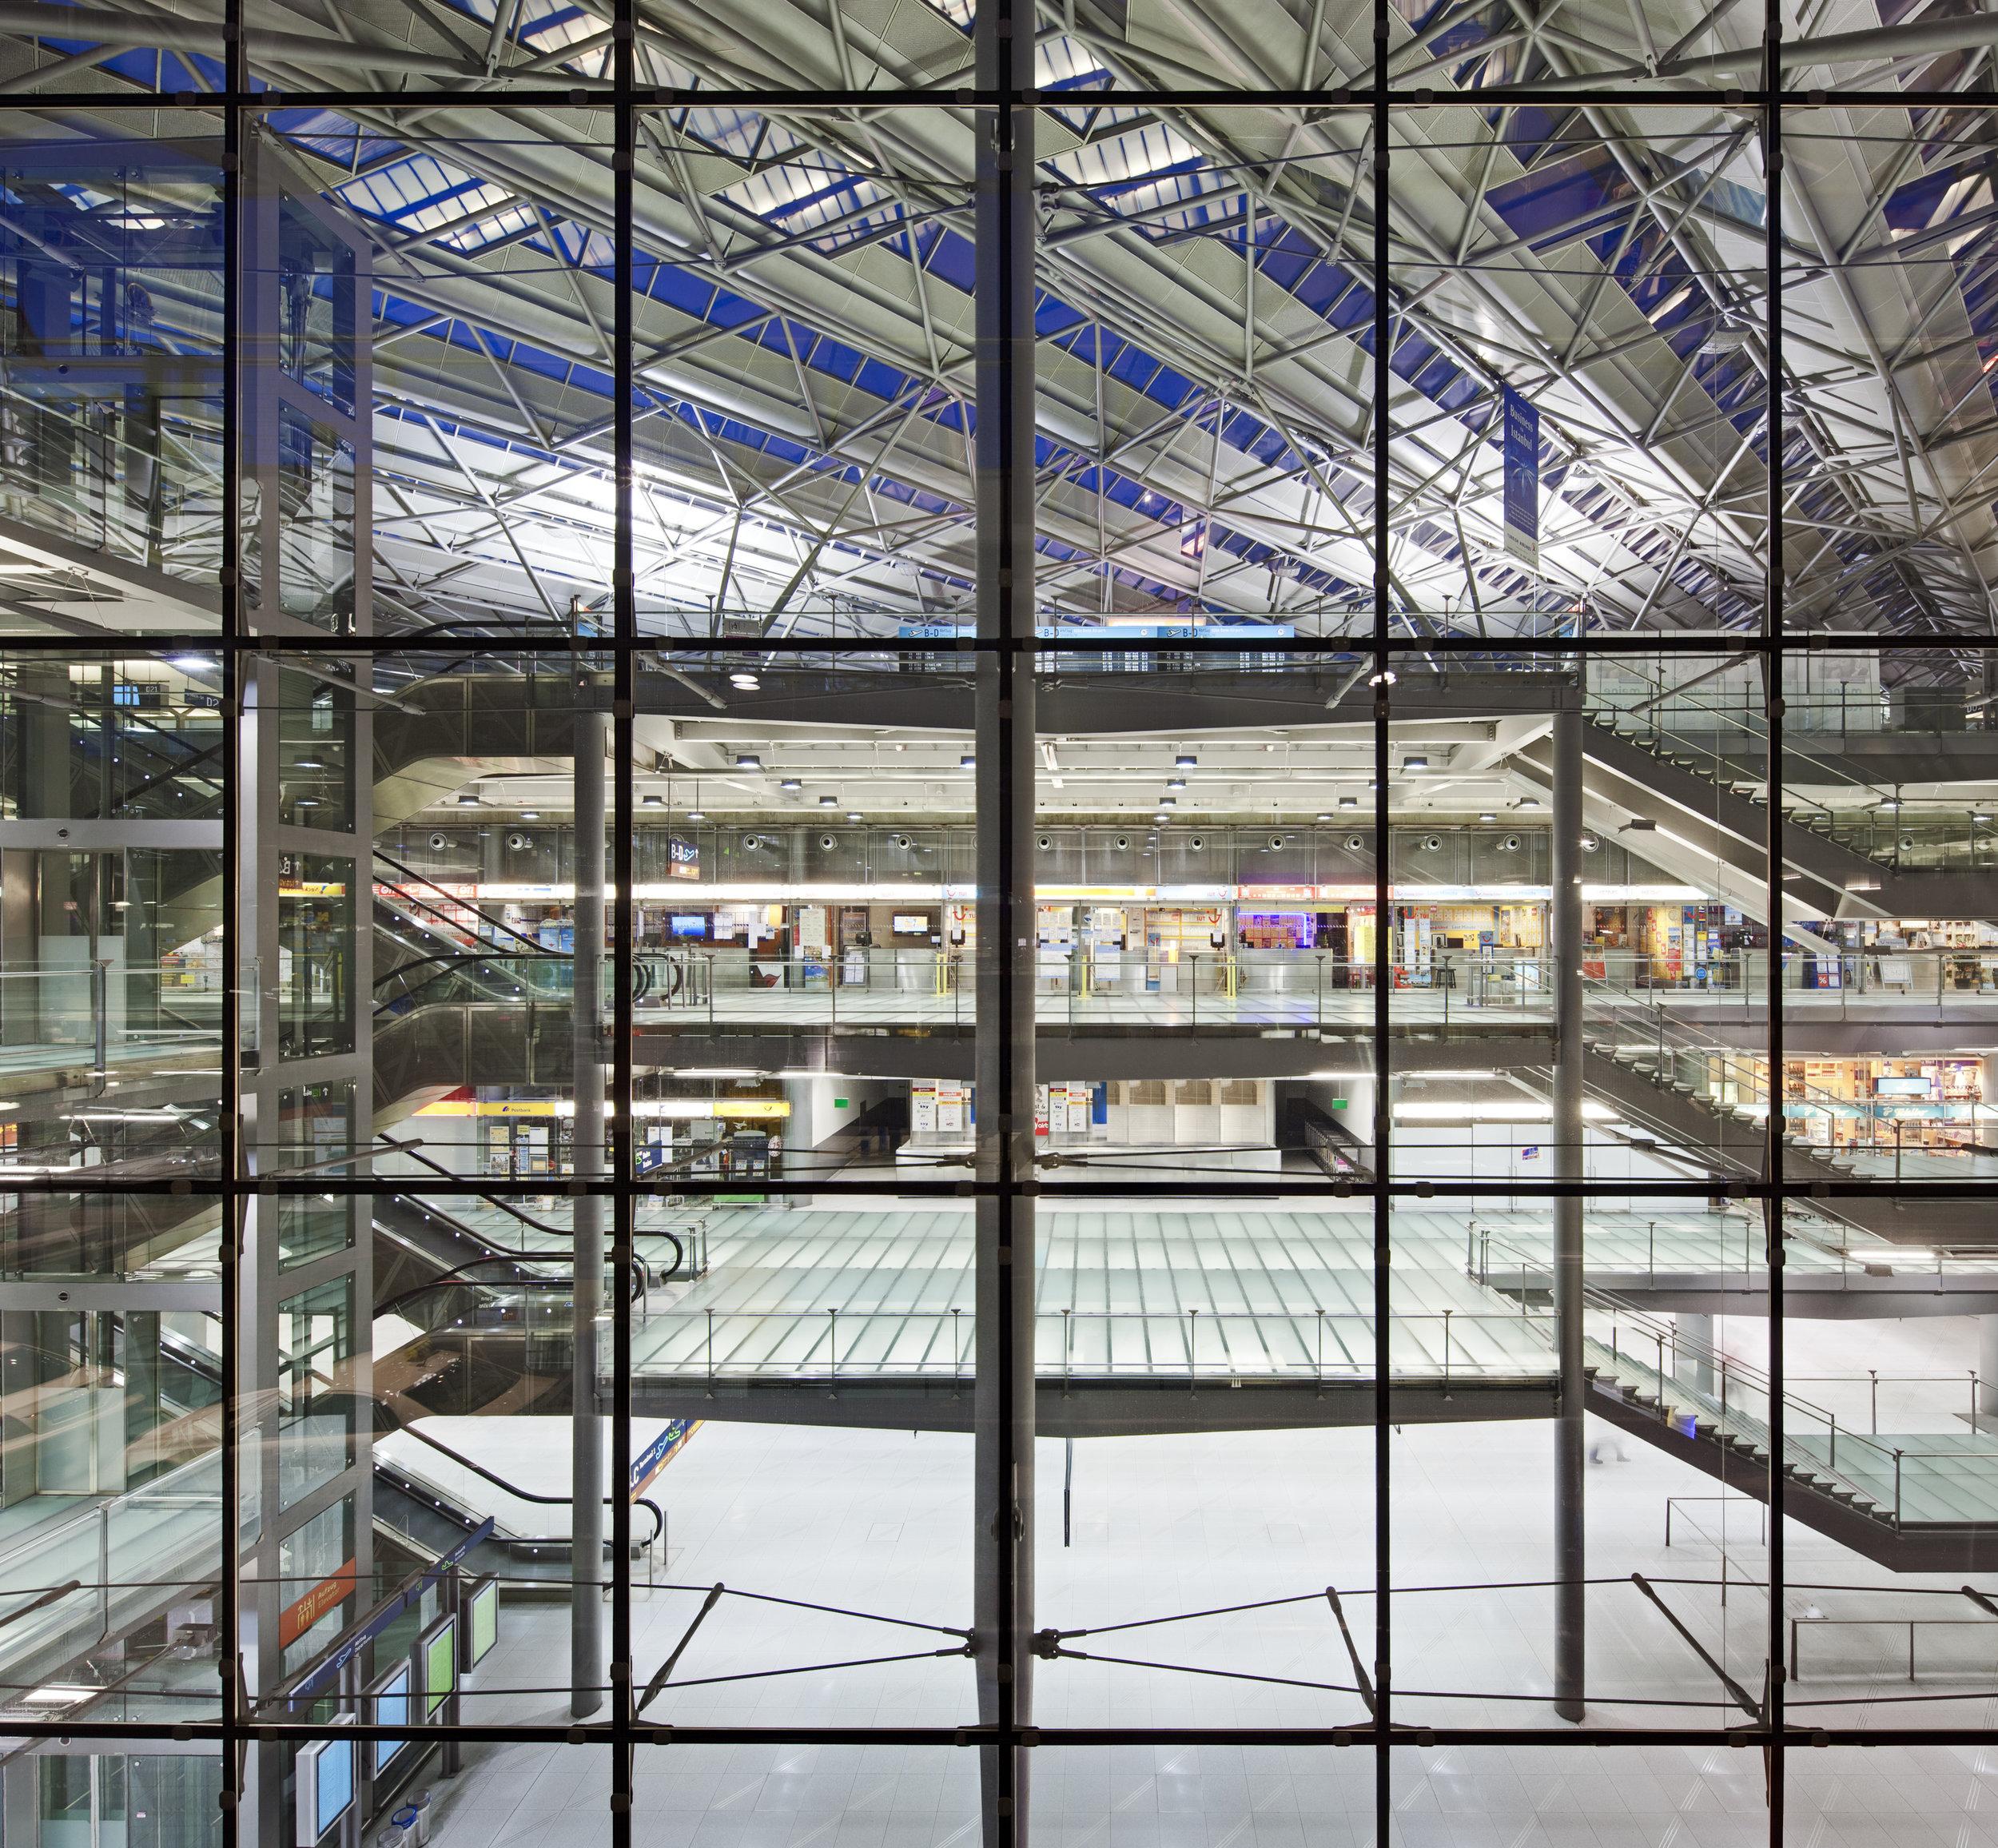 cgn-airport_09.jpg